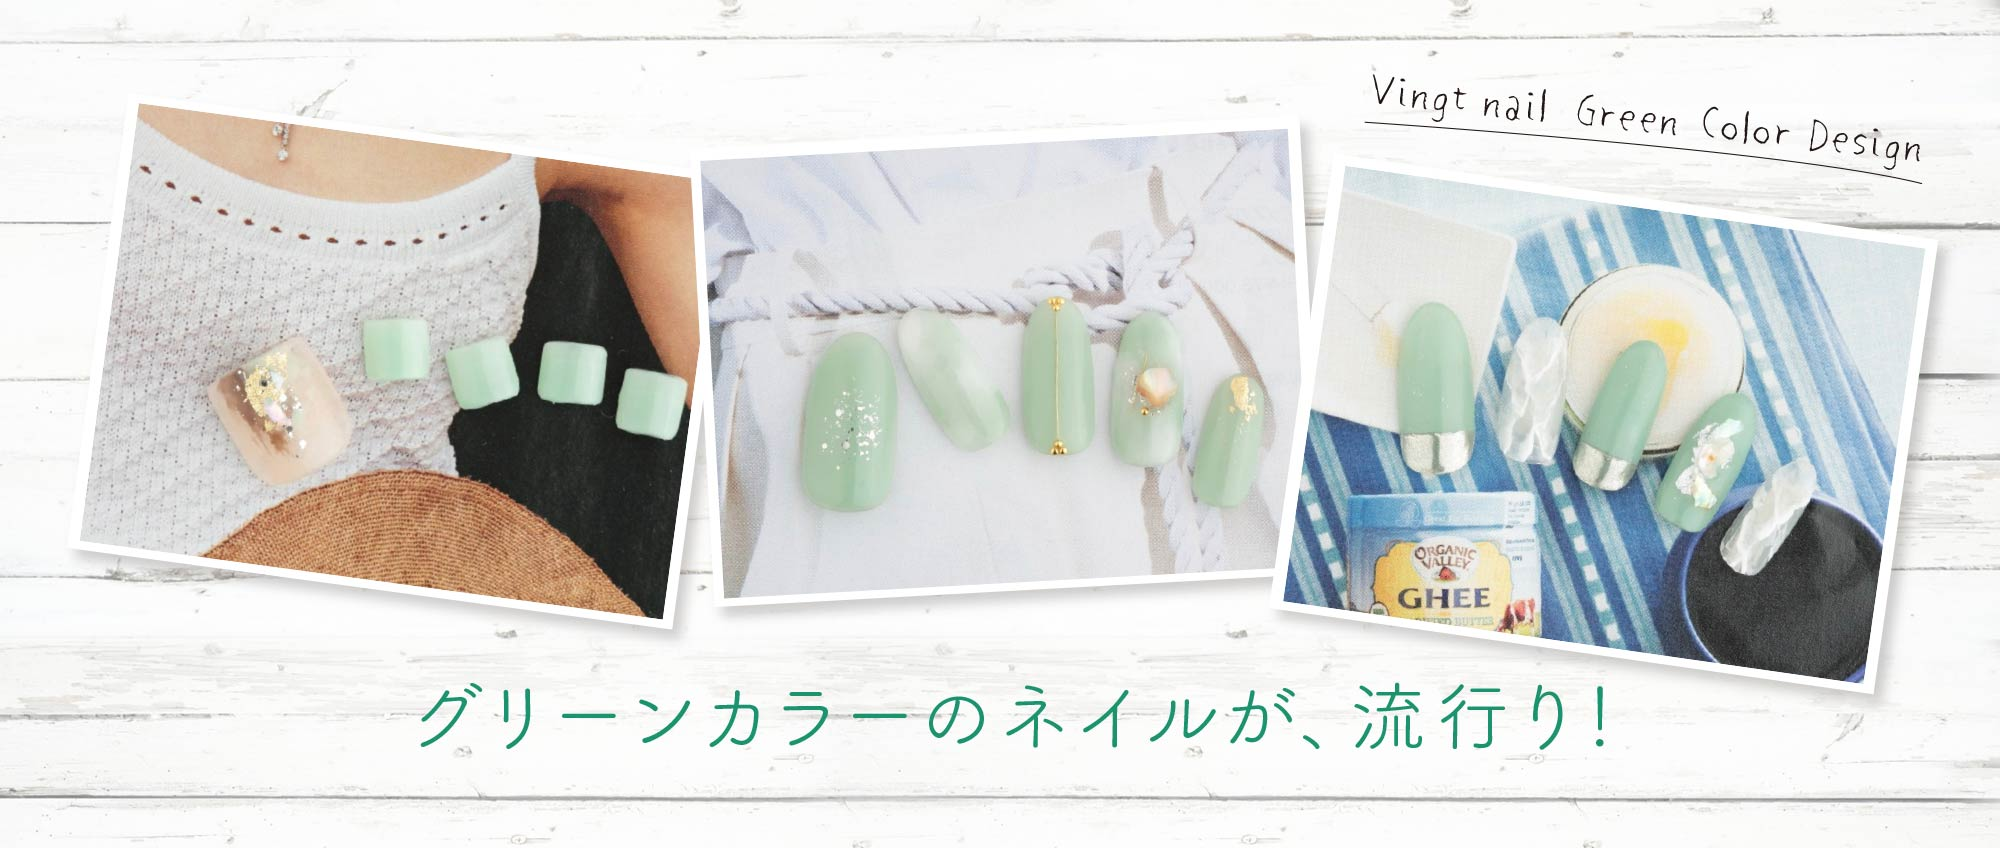 グリーンカラーのネイルが、流行り!